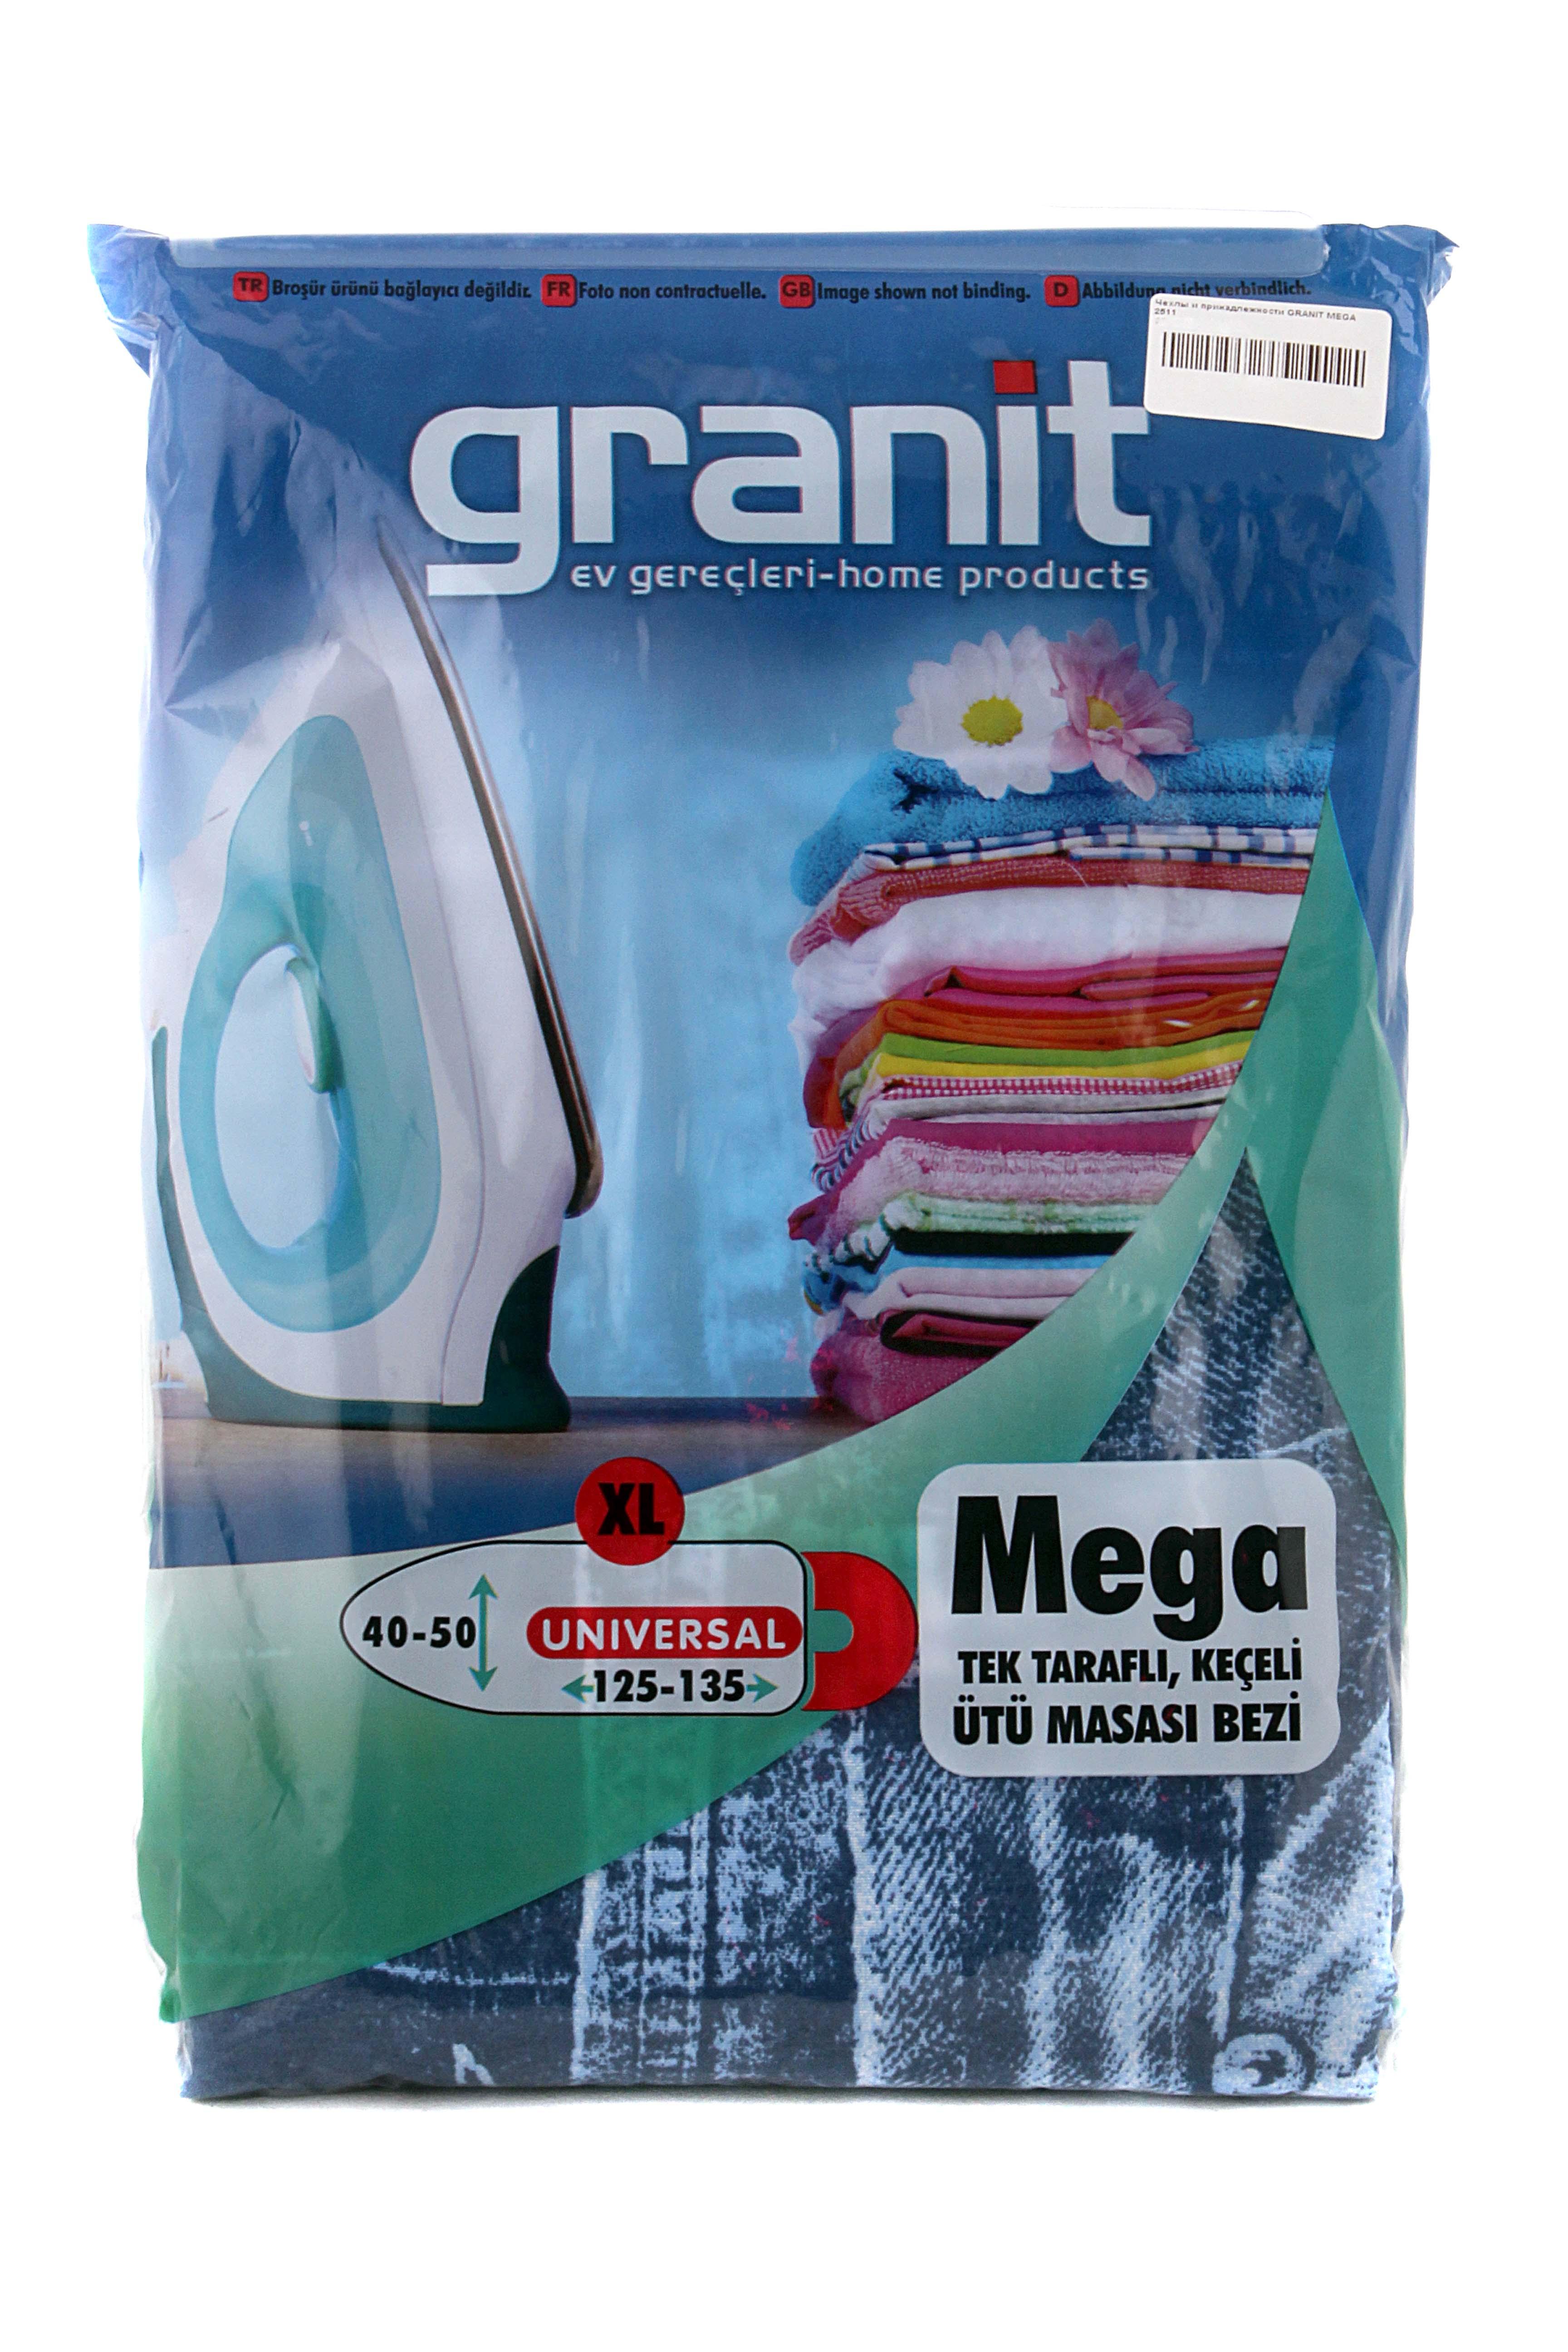 Чехлы и принадлежности Granit